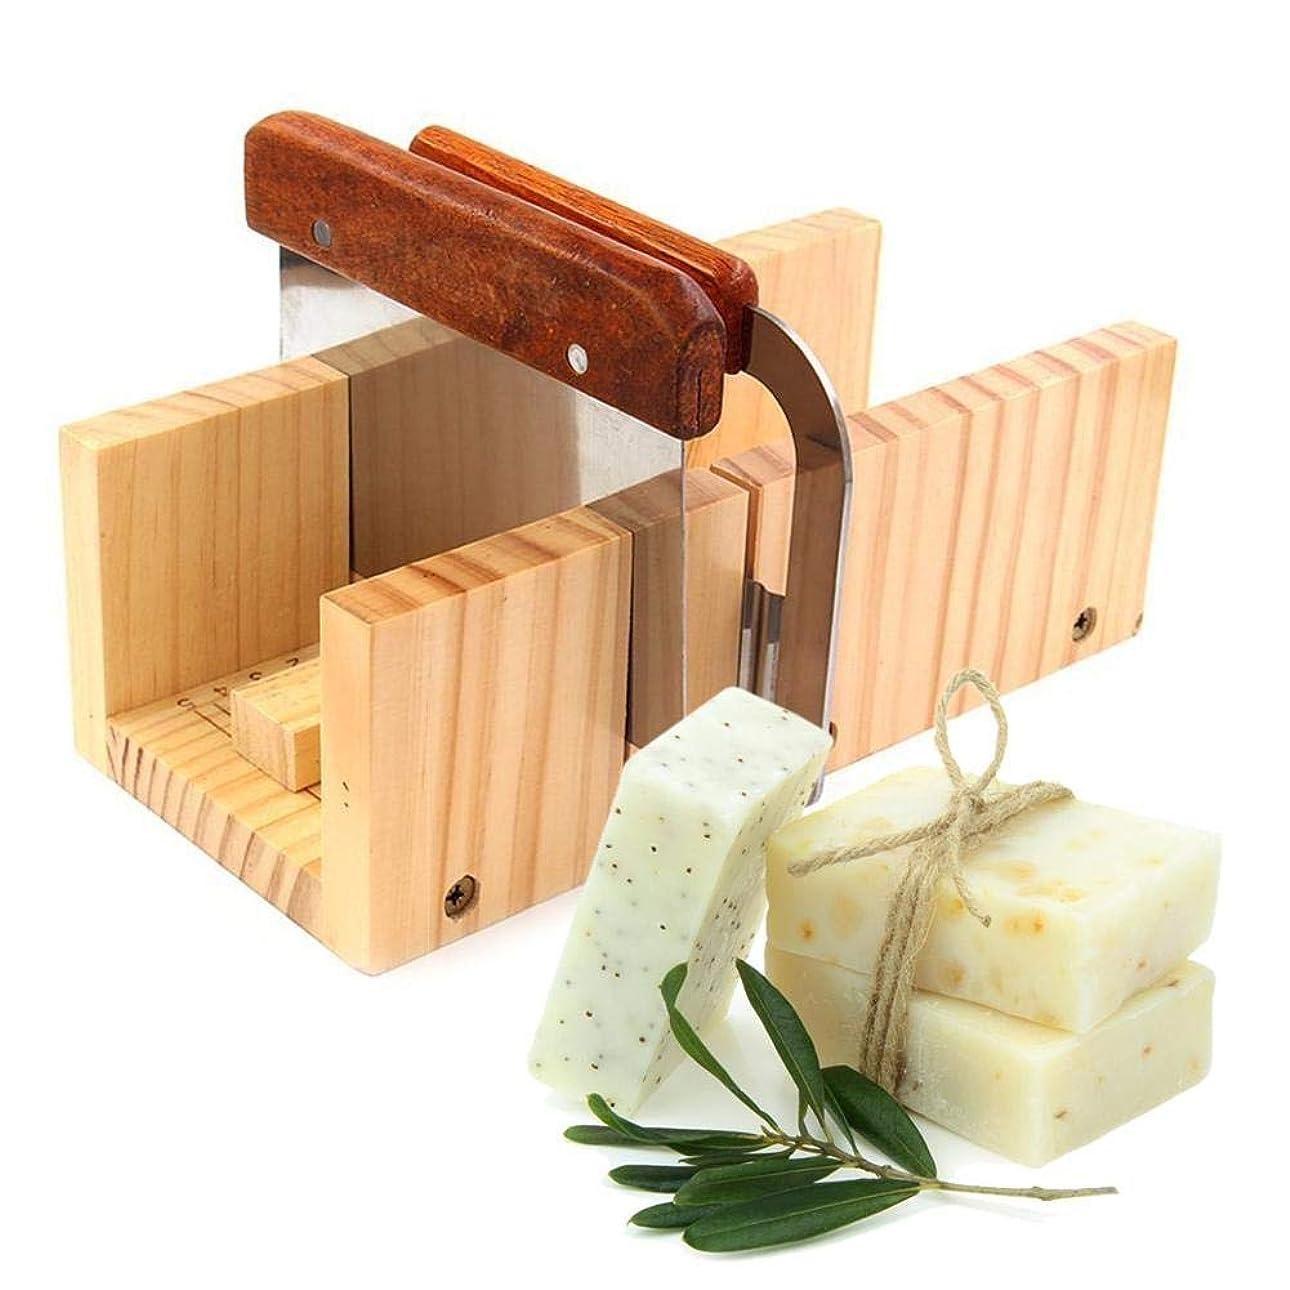 眠るエクスタシー著名なRagem ソープカッター 手作り石鹸金型 木製 ローフカッターボックス 調整可能 多機能ソープ切削工具 ストレートプレーニングツール